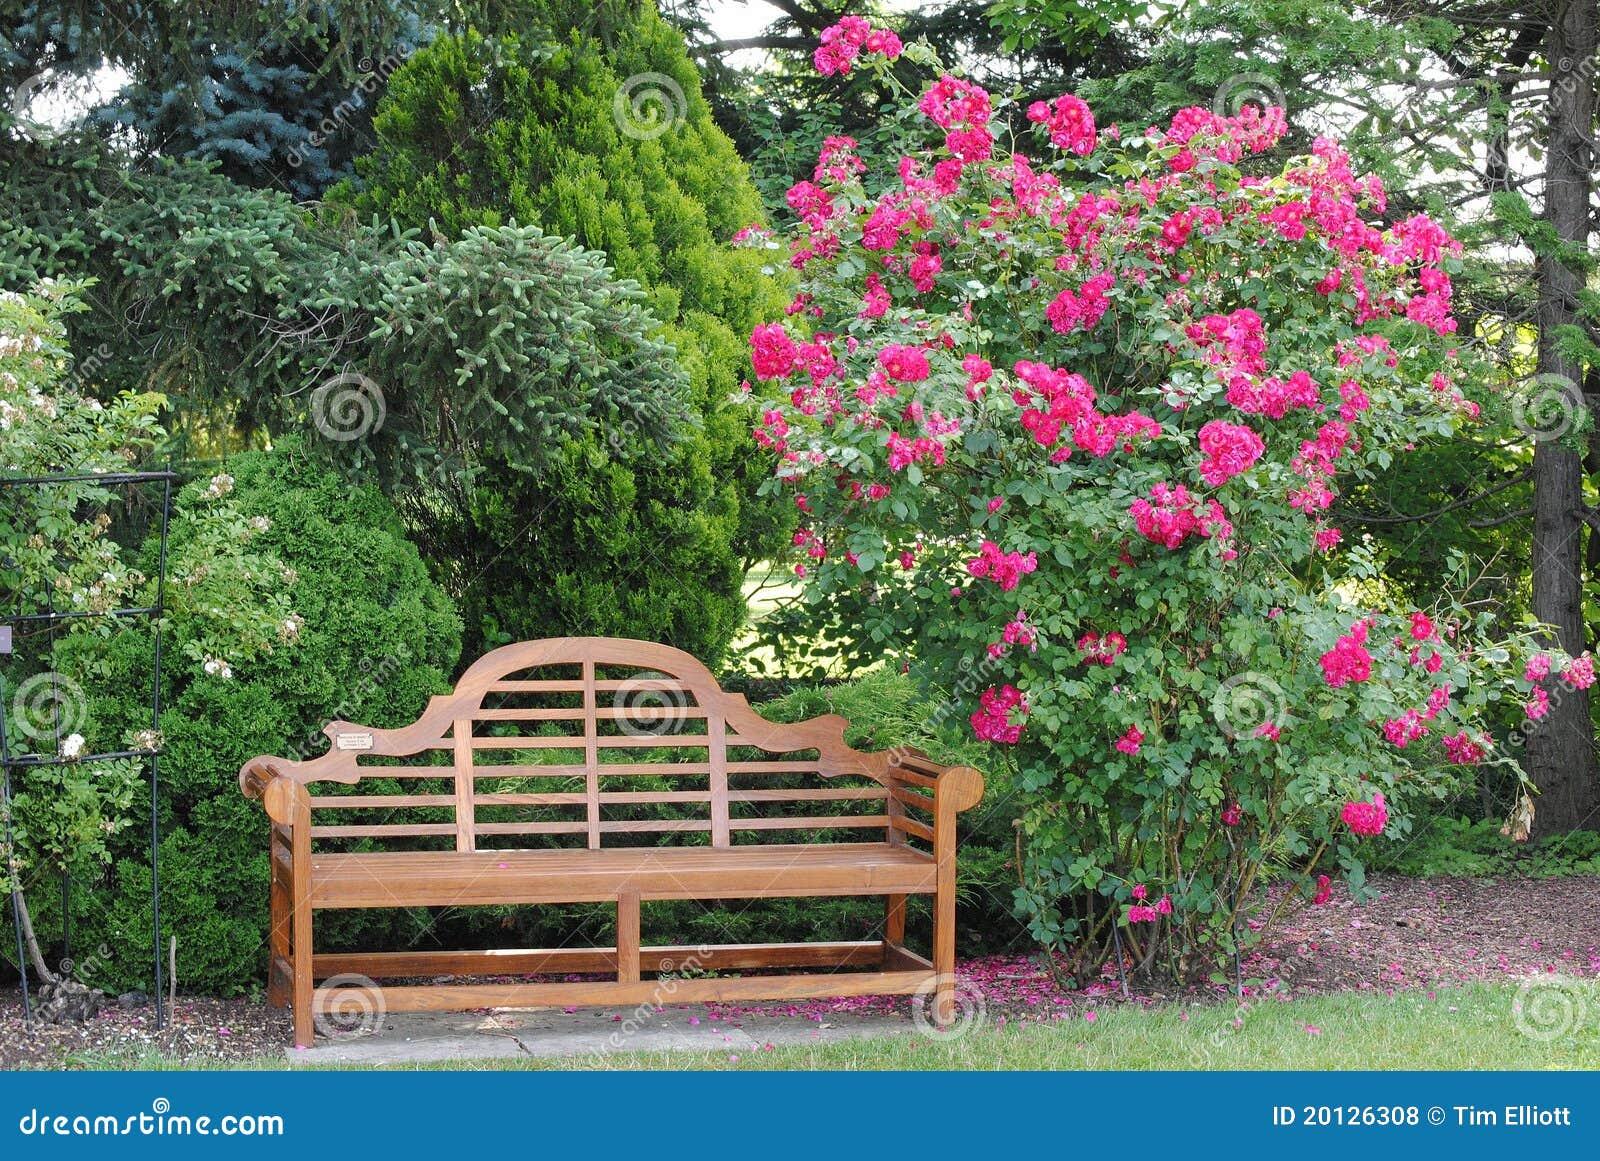 Rosier et un banc de jardin photos libres de droits - Banc de jardin rouge ...